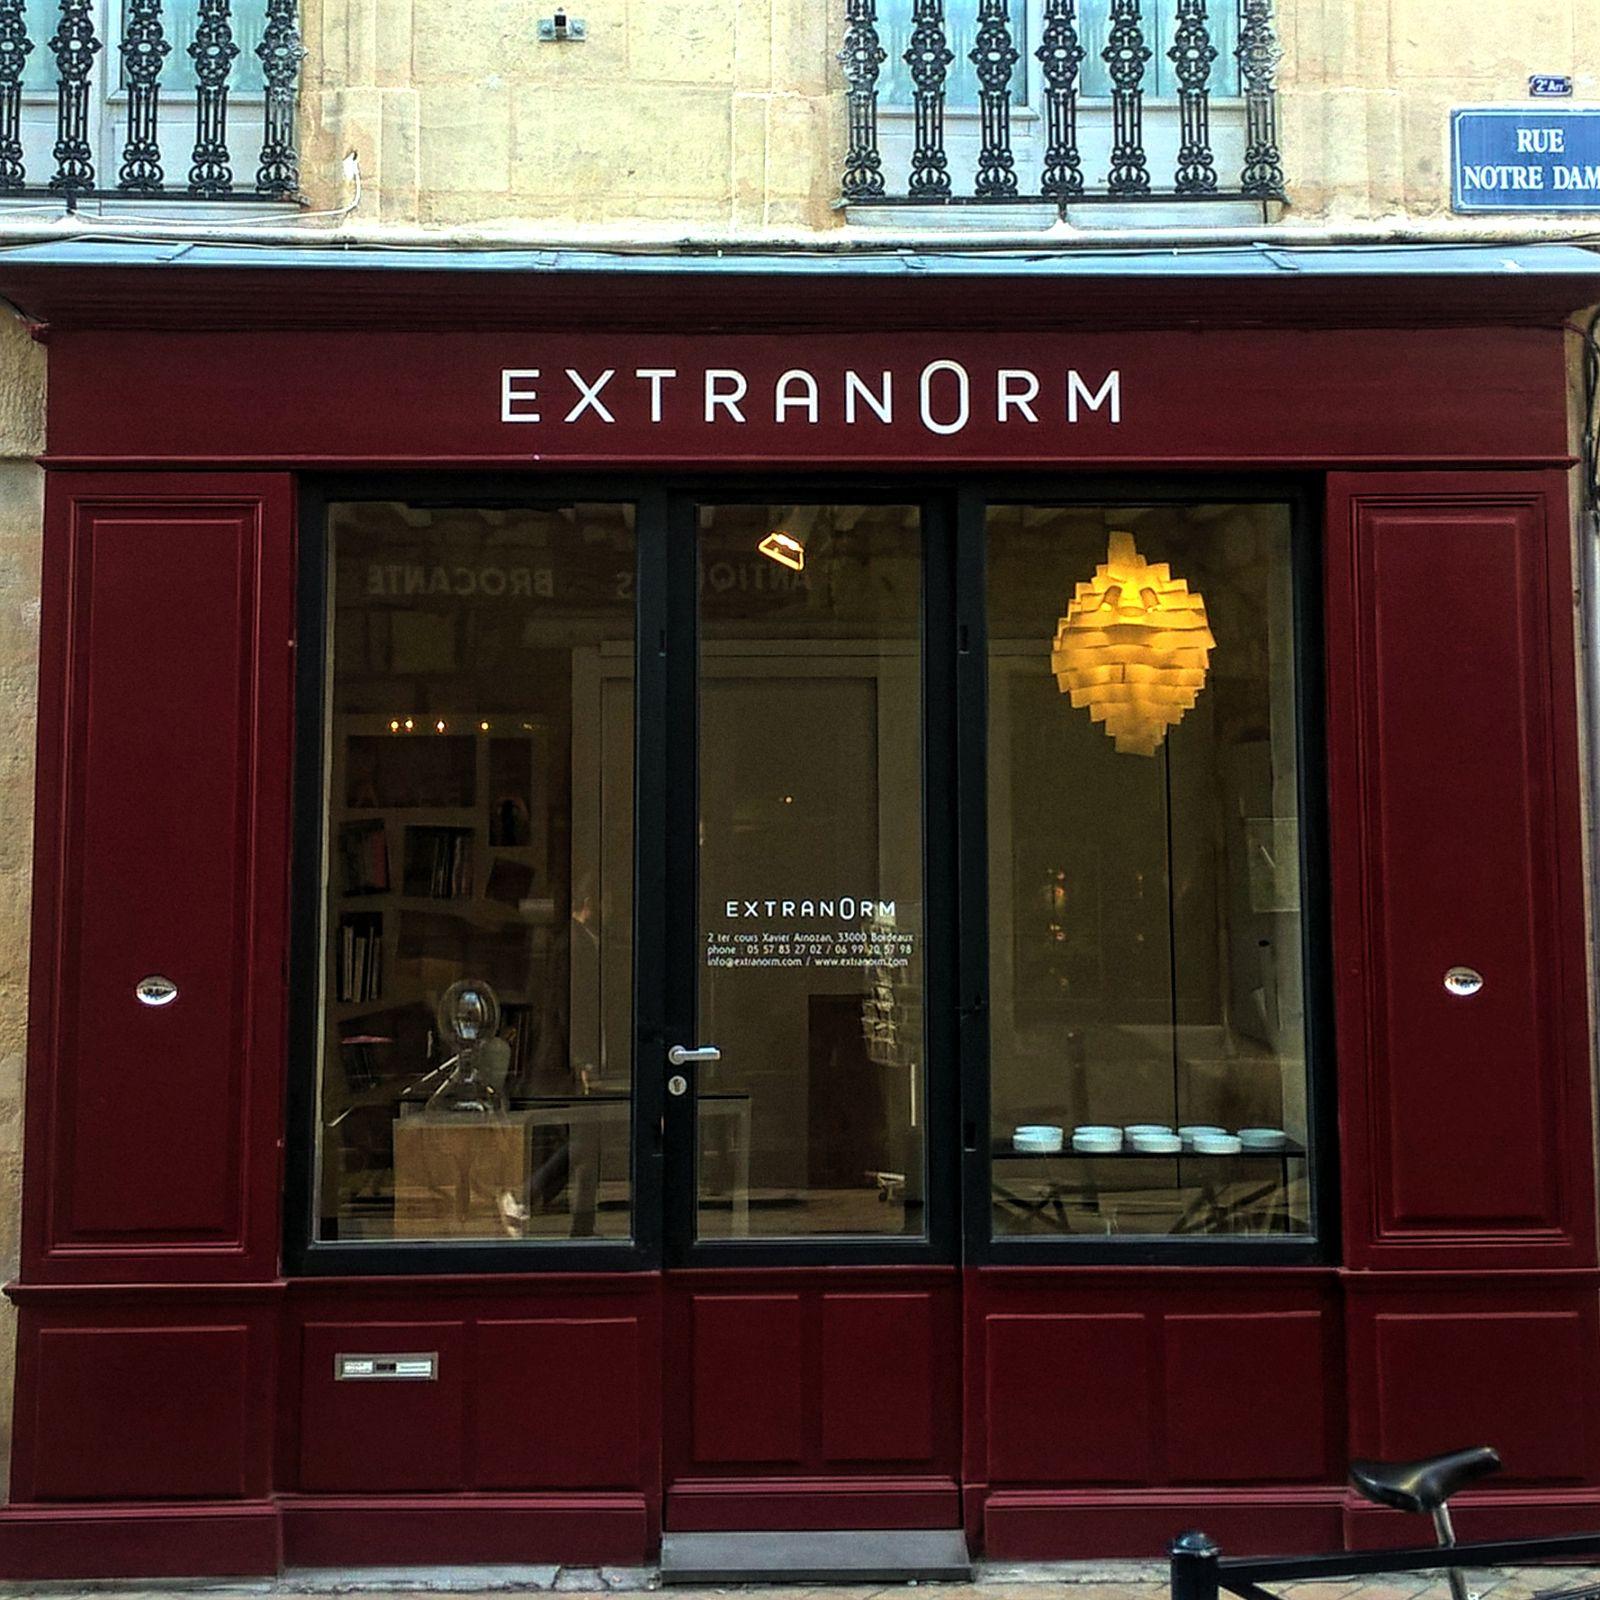 Extranorm boutique rue notre dame bordeaux chartrons design